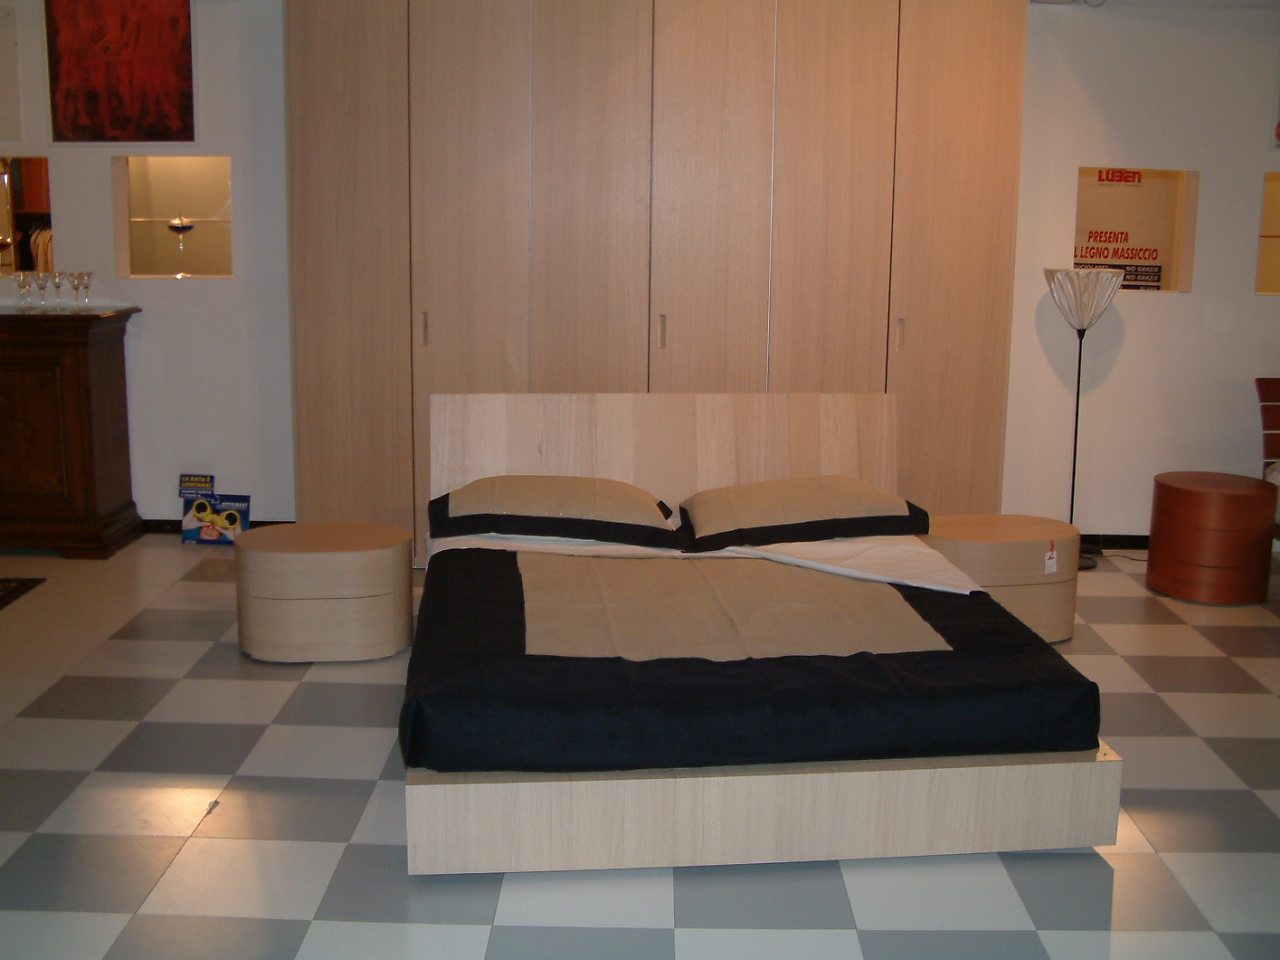 Camere da letto - Camere da letto strane ...